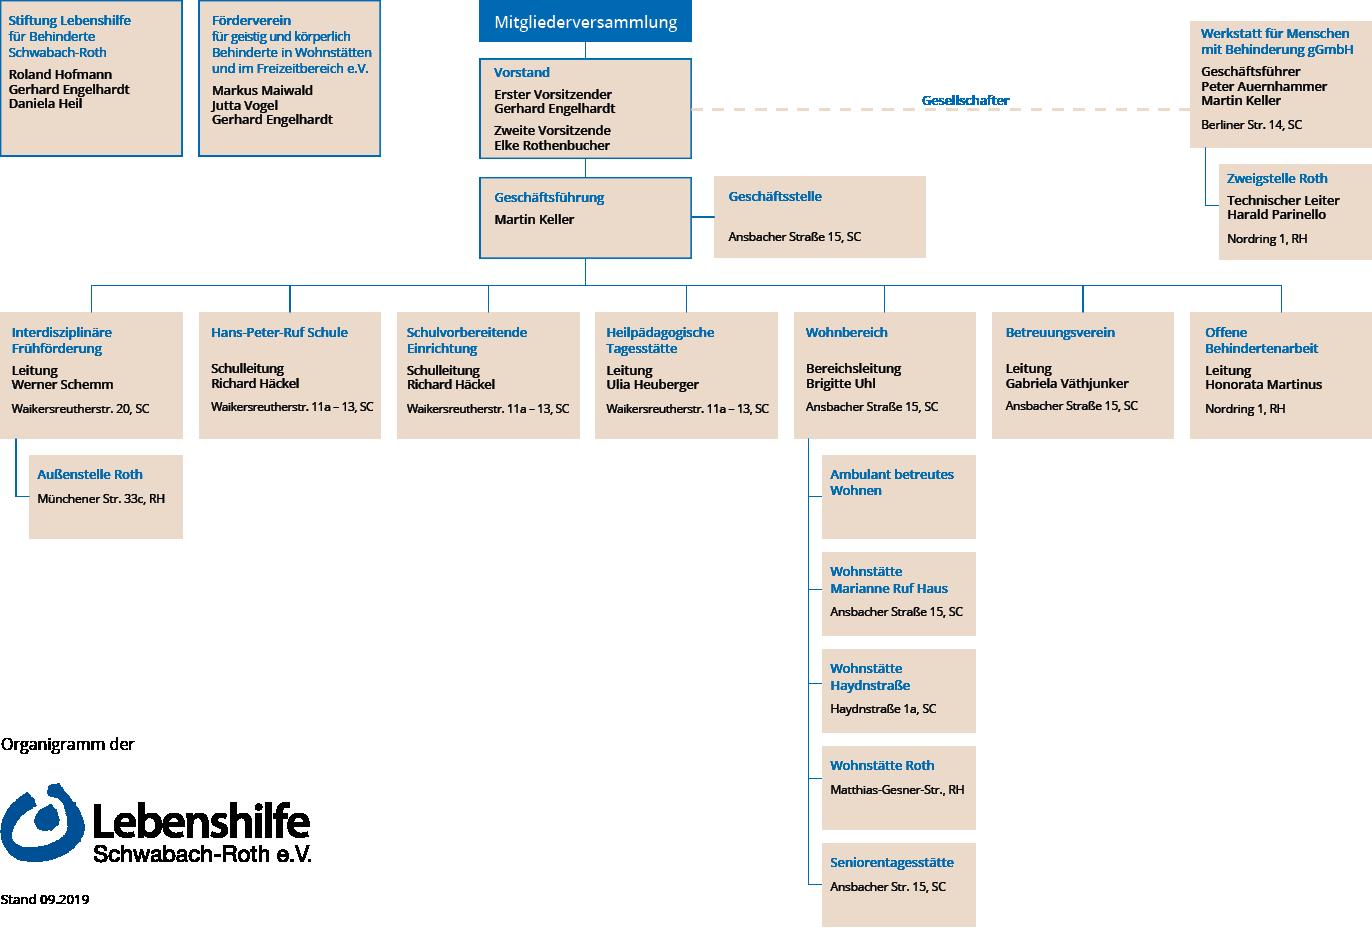 Organigramm der Lebenshilfe Schwabach-Roth e.V.